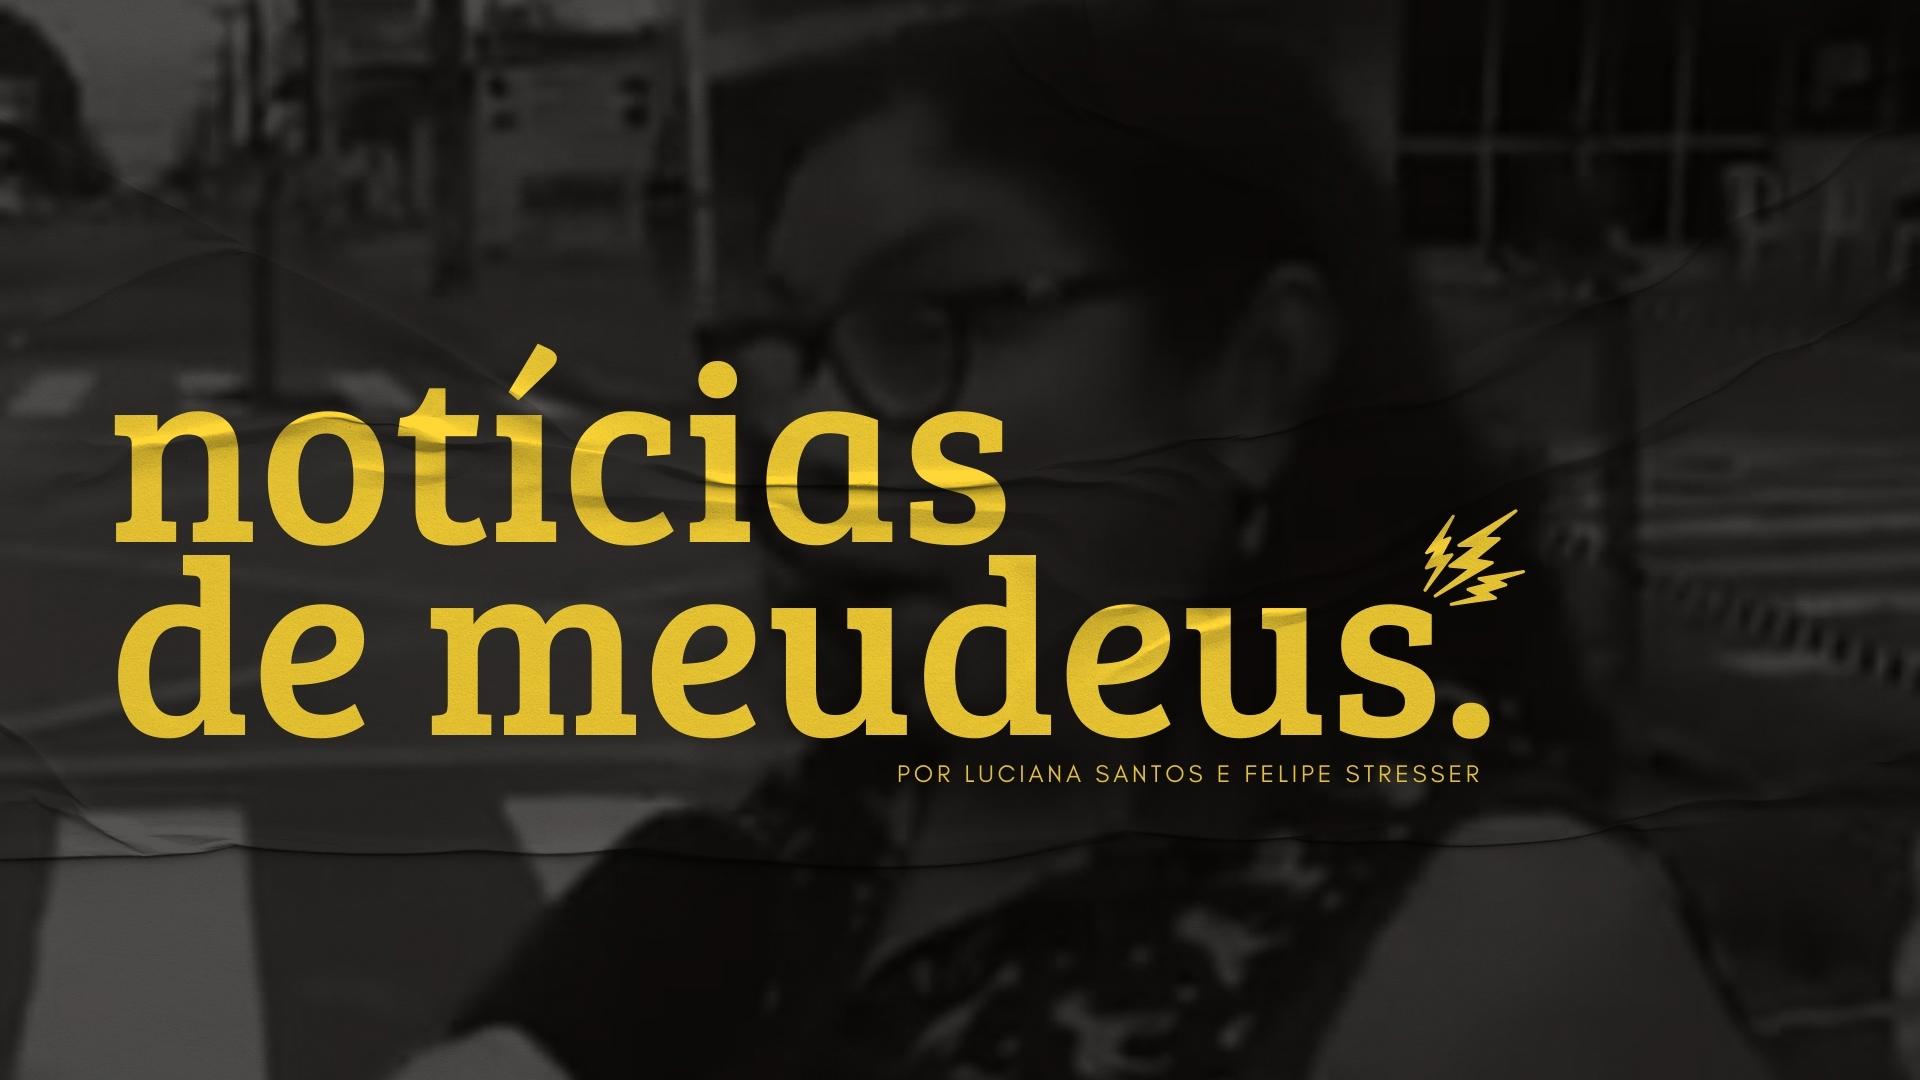 """No fundo: senhora sendo entrevistada com expressão de surpresa. Na frente: o letreiro """"notícias de meudeus por Luciana Santoa e Felipe Stresser"""" na cor amarela."""